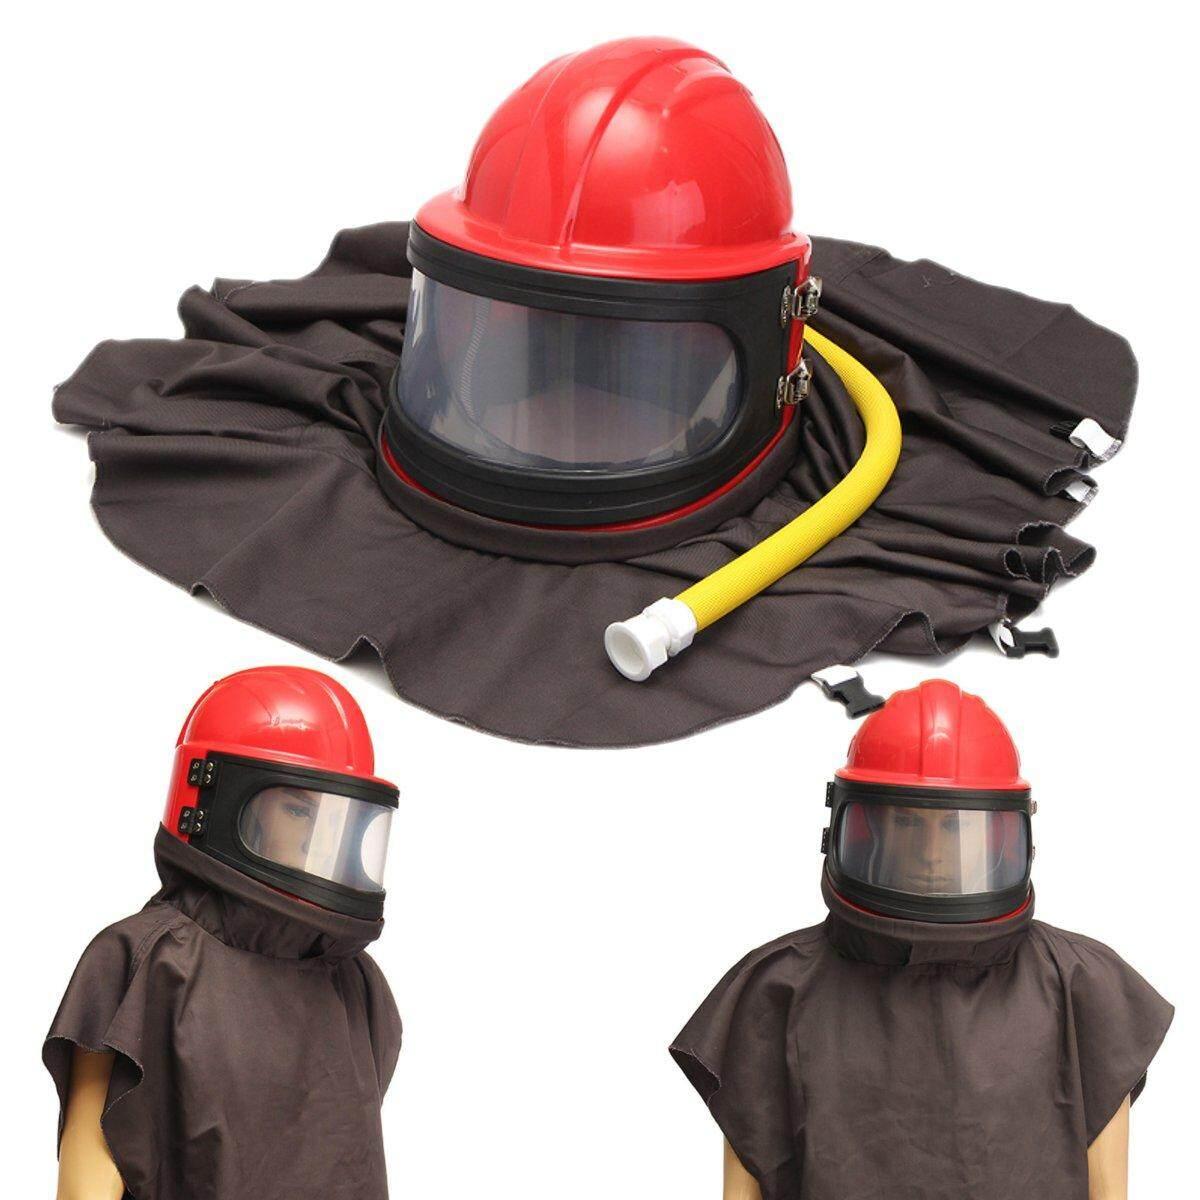 Full Face Sandblast Sandblasting Mask Helmet Sand Blasting Protector w/ Pipe